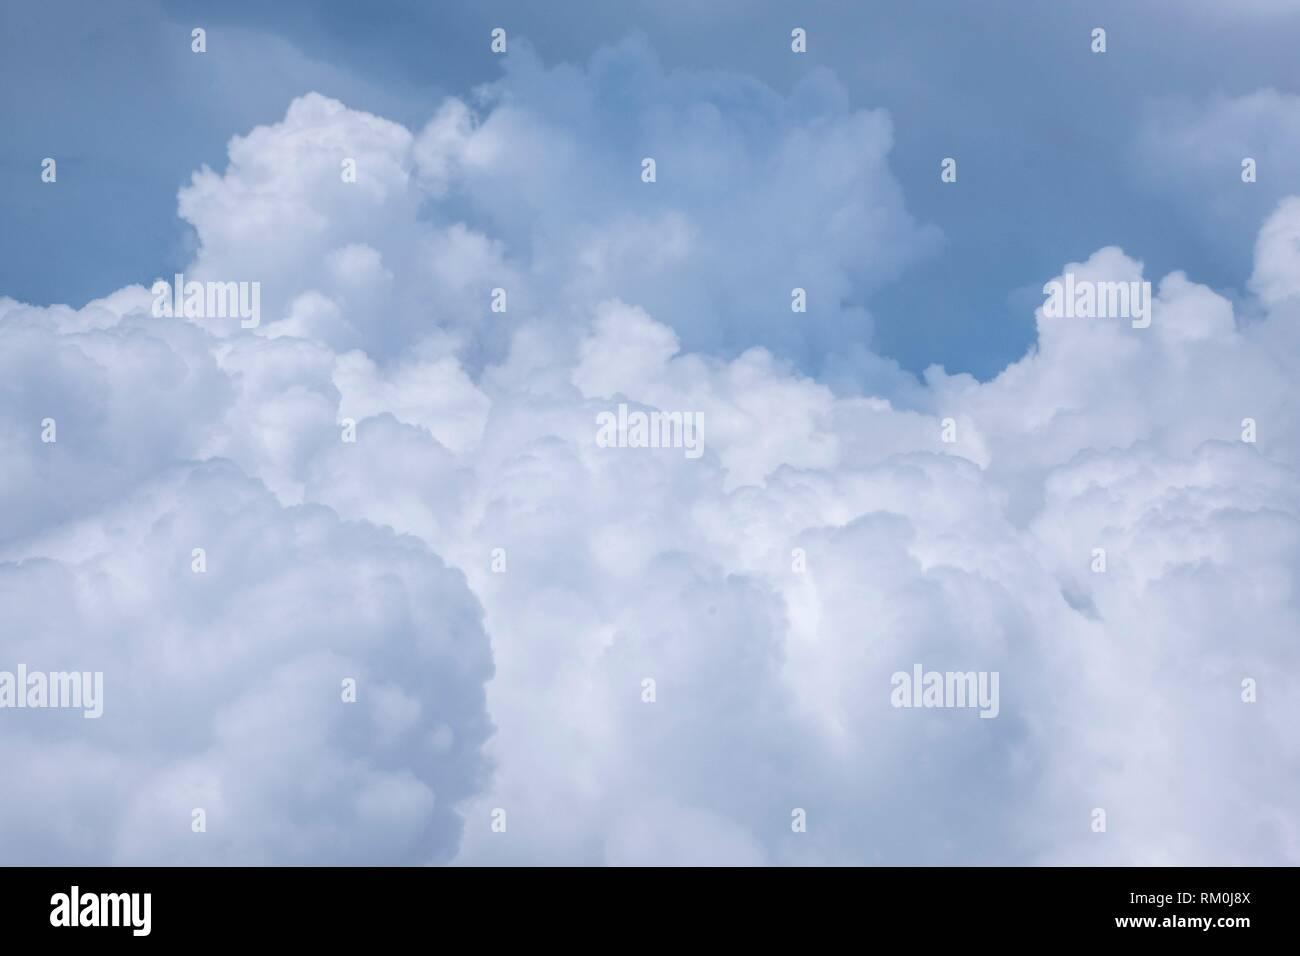 Blue sky with white cloud seen during Limbang-Miri flight, Sarawak, Malaysia - Stock Image